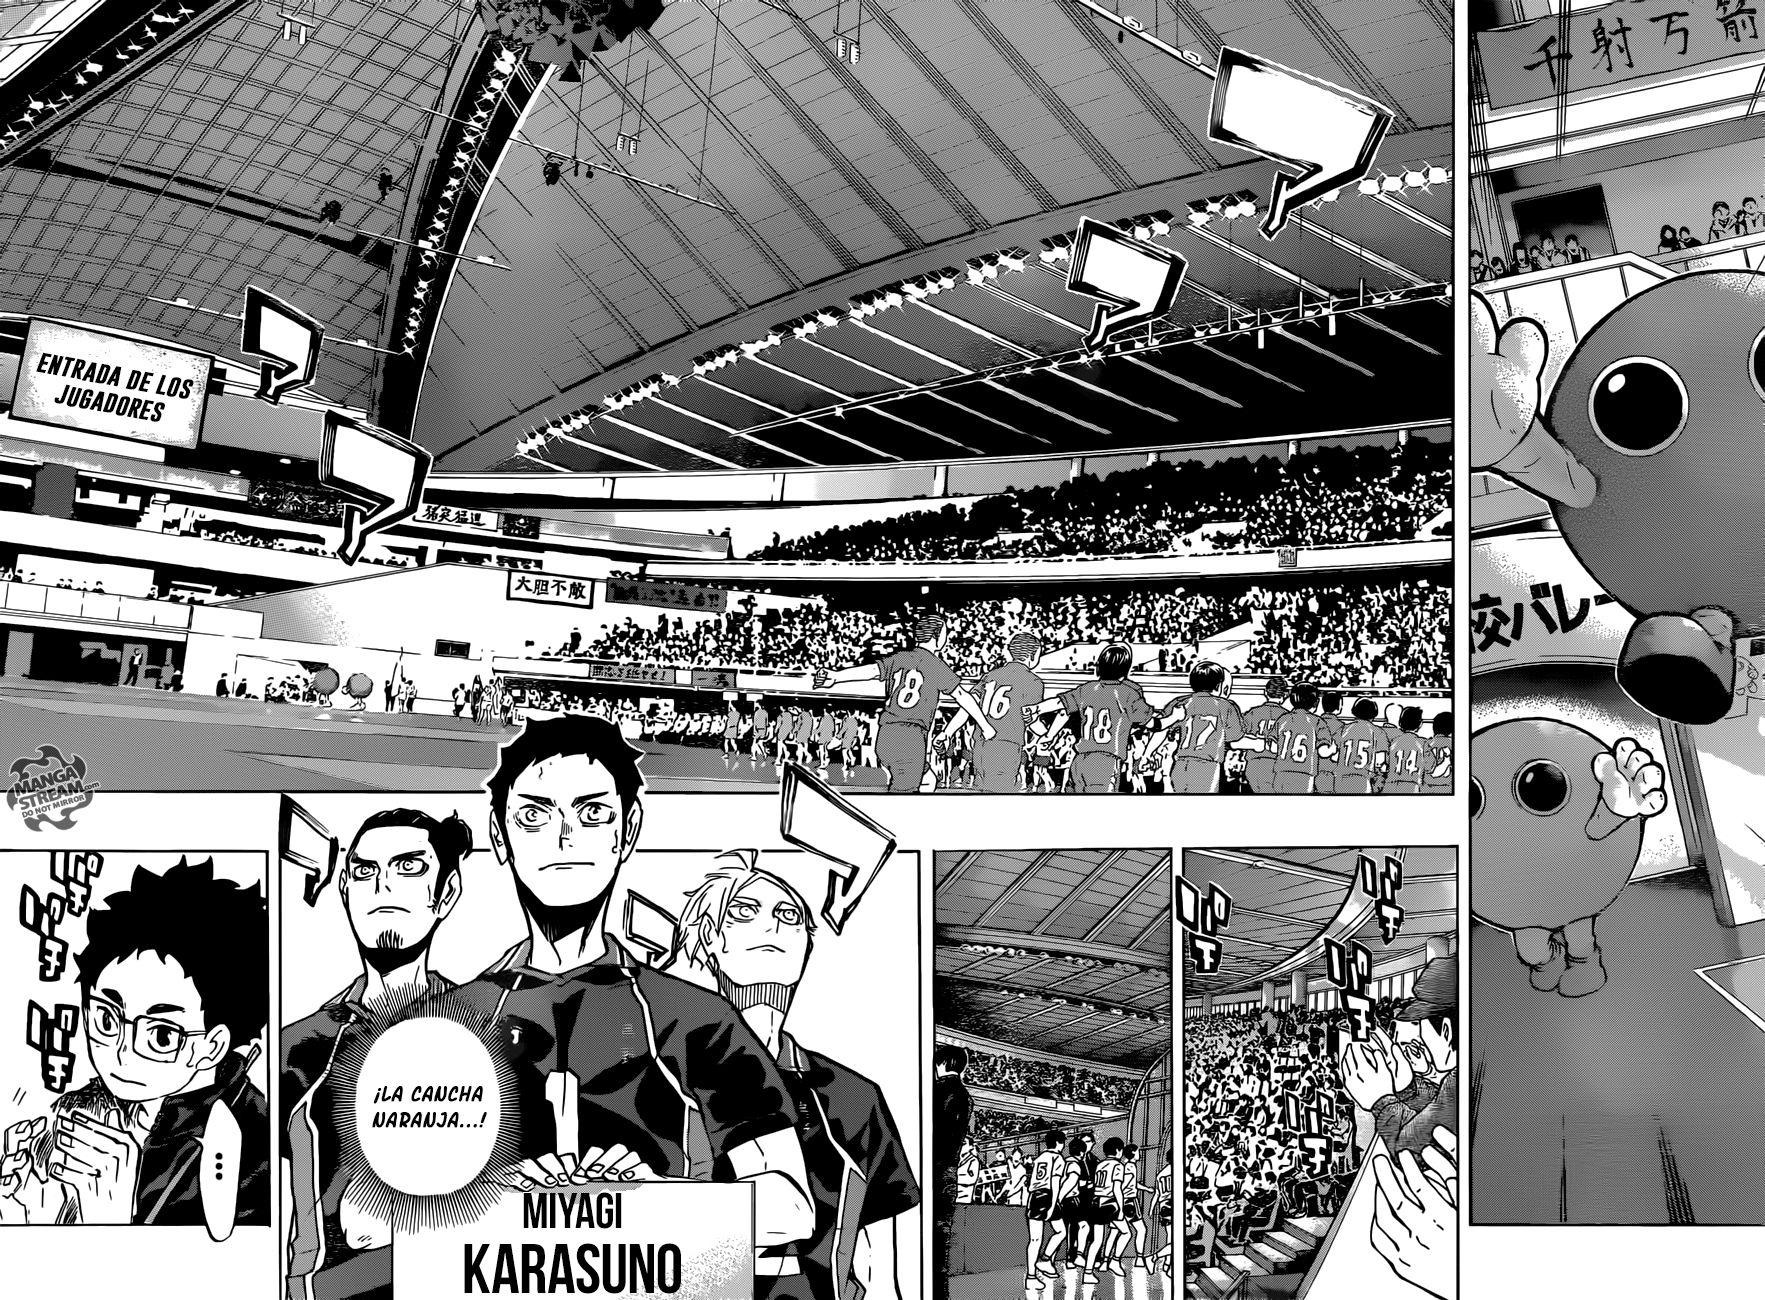 http://c5.ninemanga.com/es_manga/pic2/10/10/518224/ac457ba972fb63b7994befc83f774746.jpg Page 9